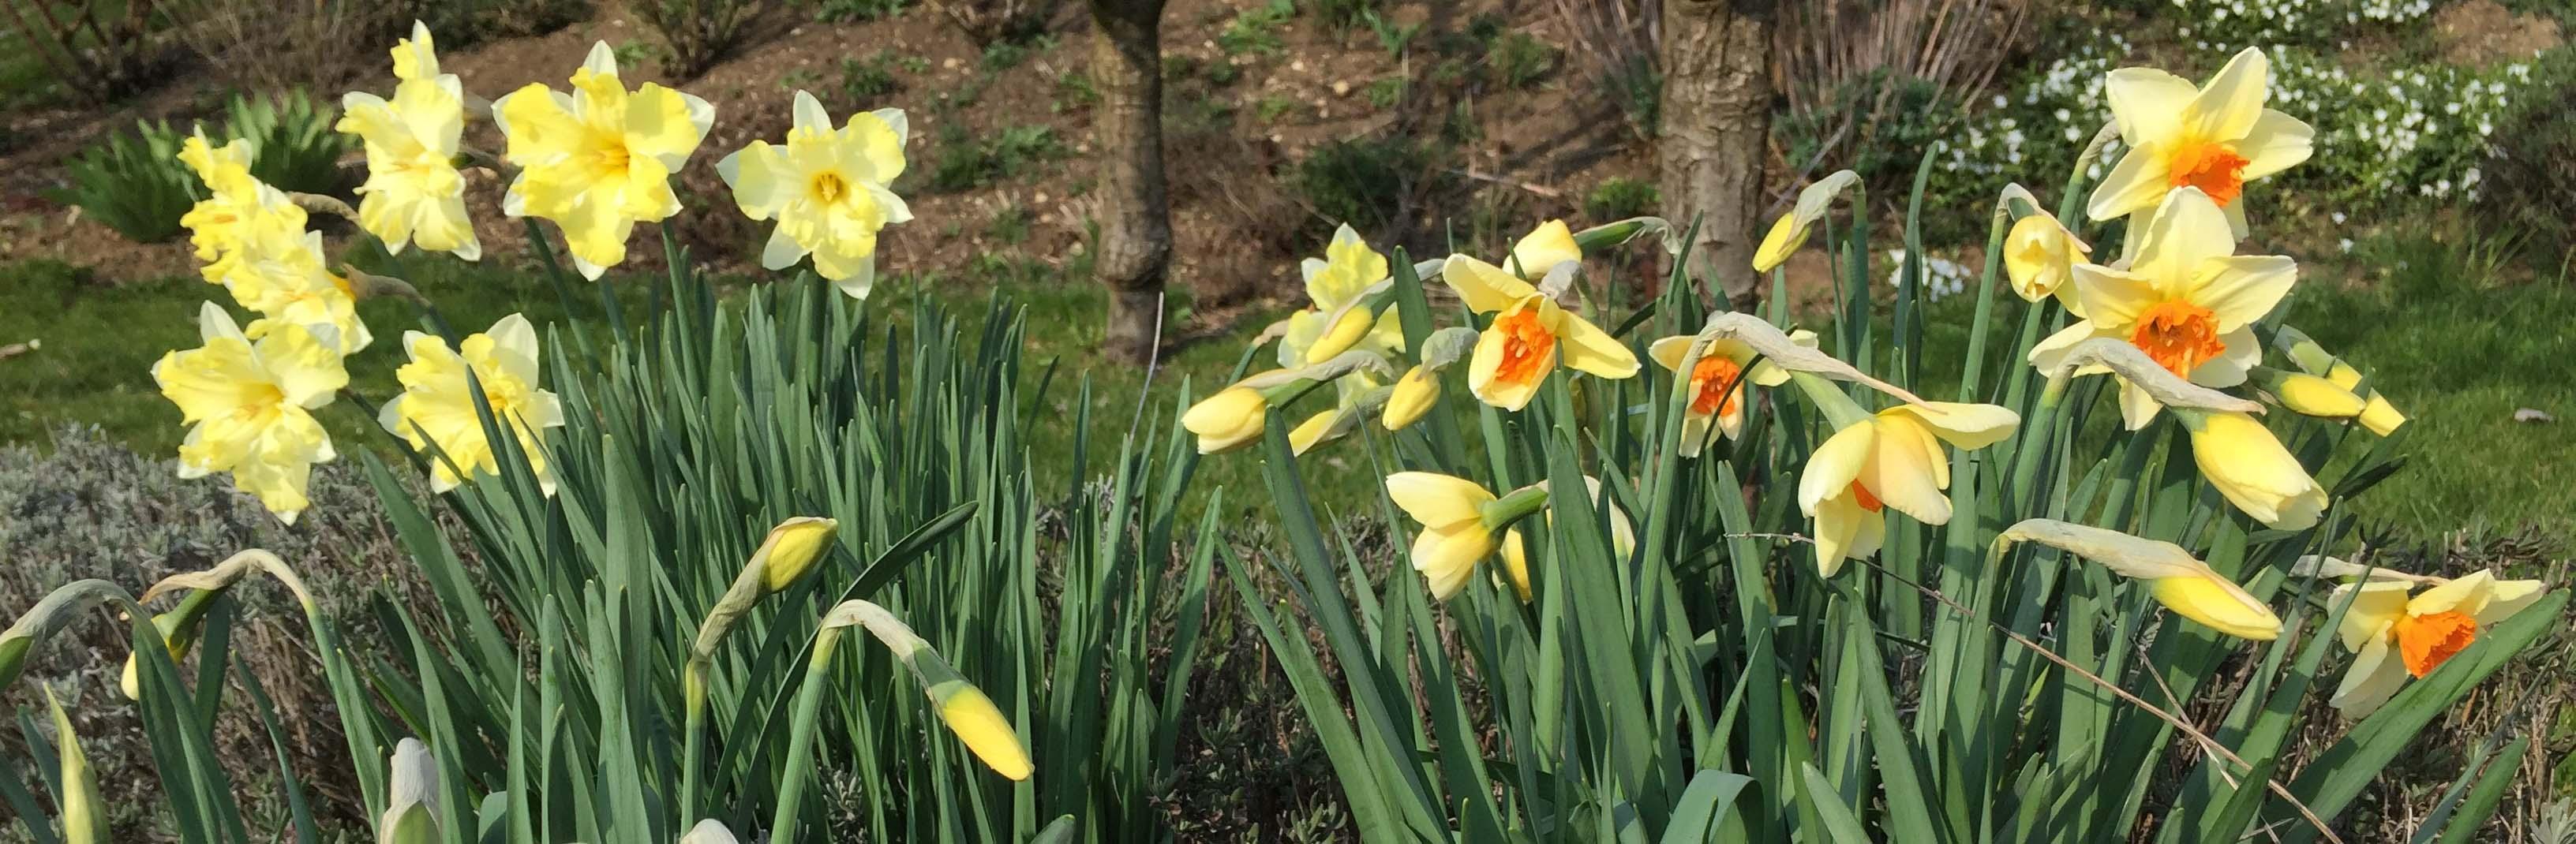 Garten Narzissen